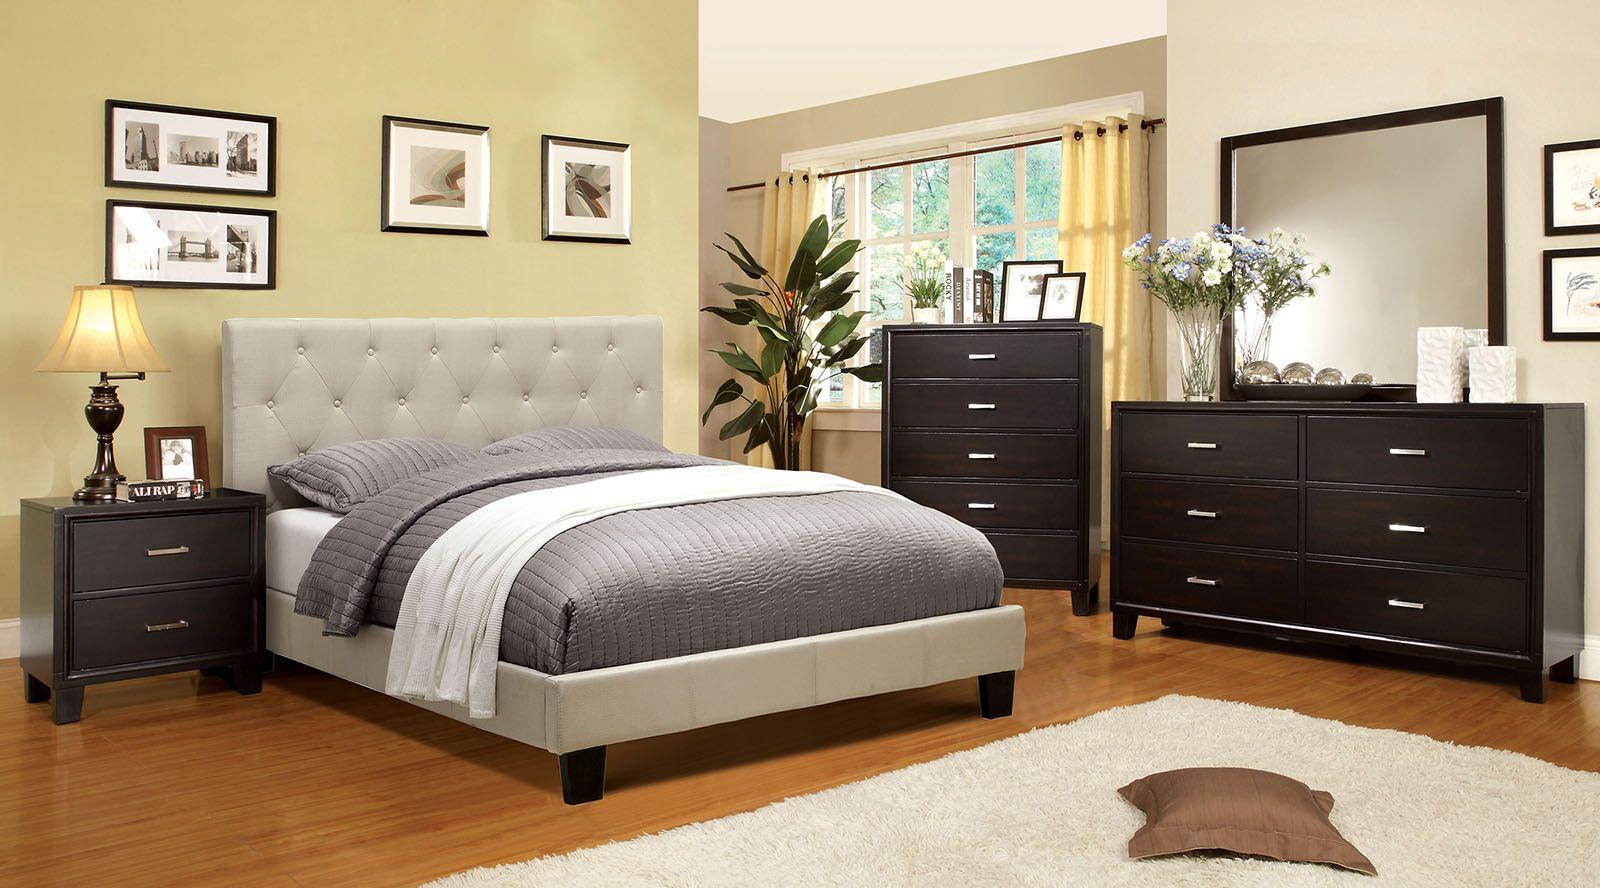 Allsop Upholstered Platform Bed Size: Twin, Color: Gray